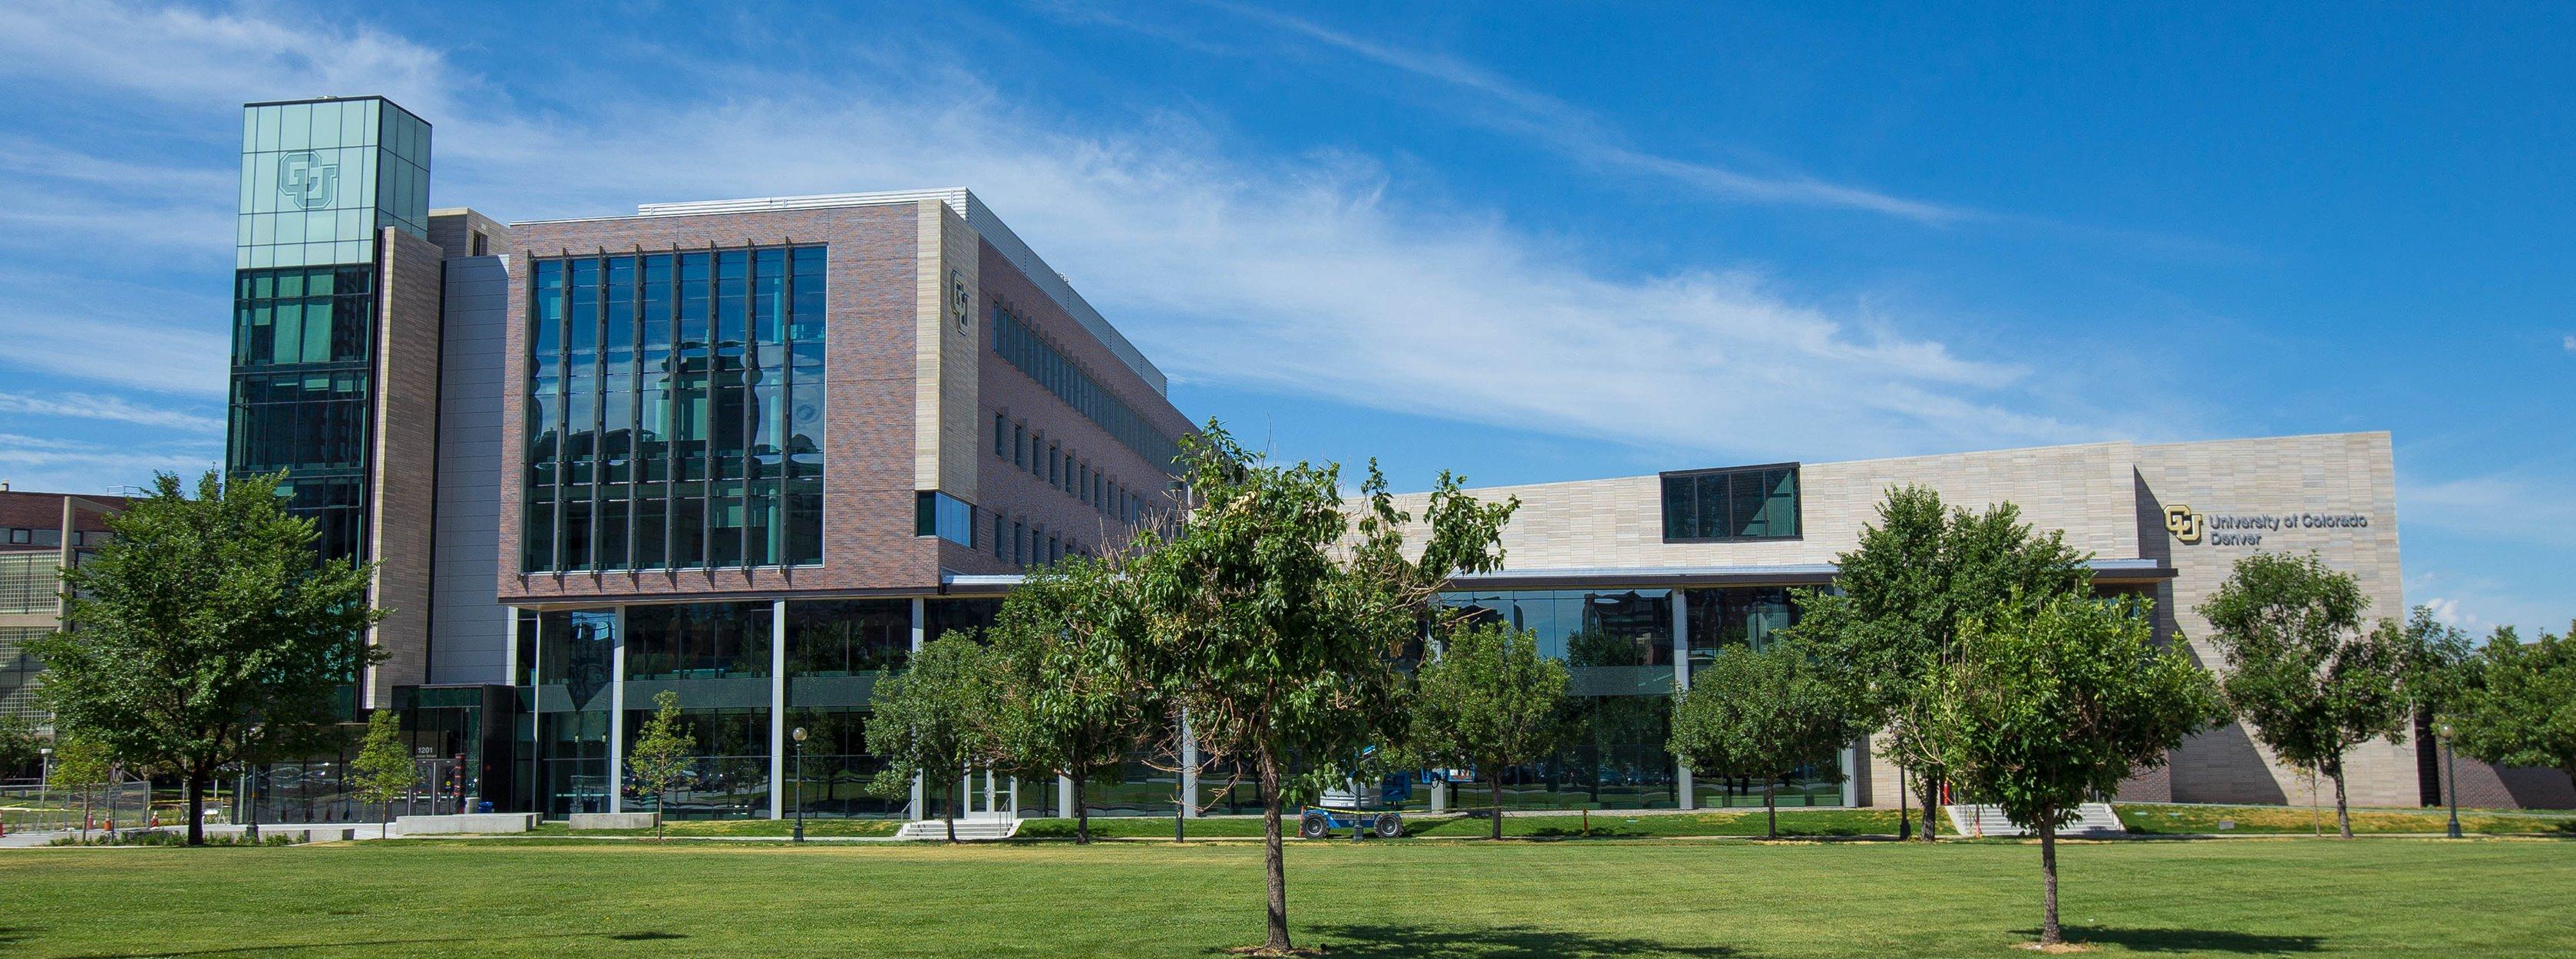 University of Colorado – CU Campus